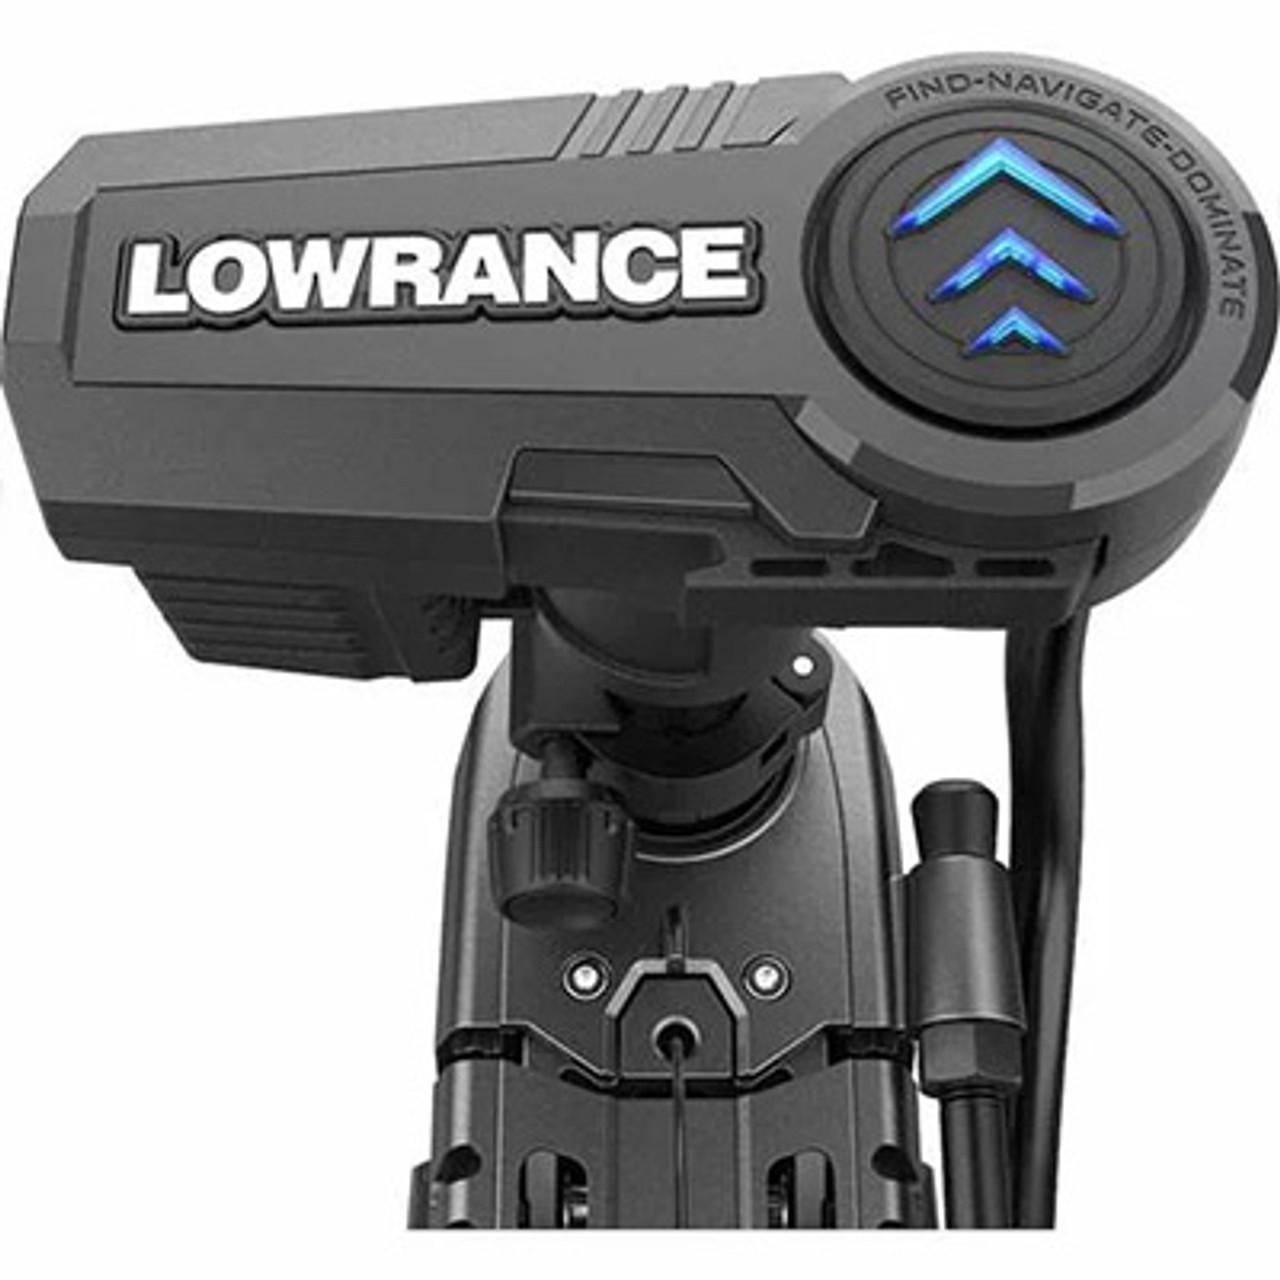 Lowrance Ghost Trolling Motor Top